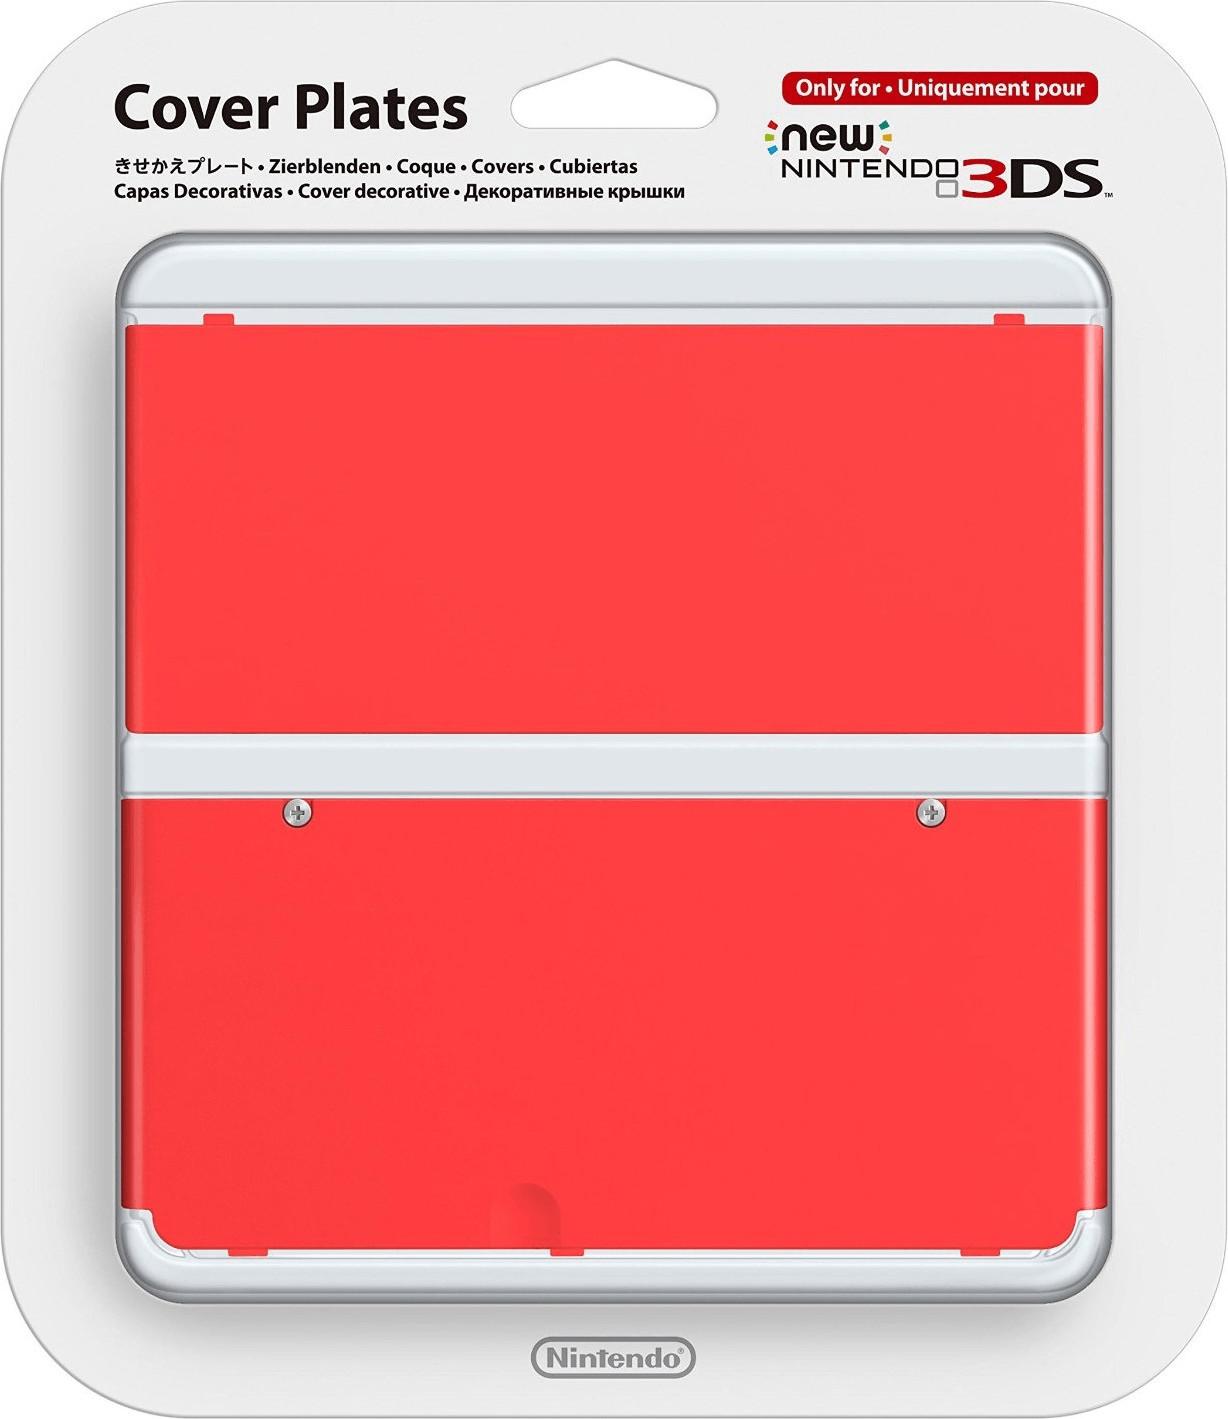 Nintendo New 3DS Zierblenden rot